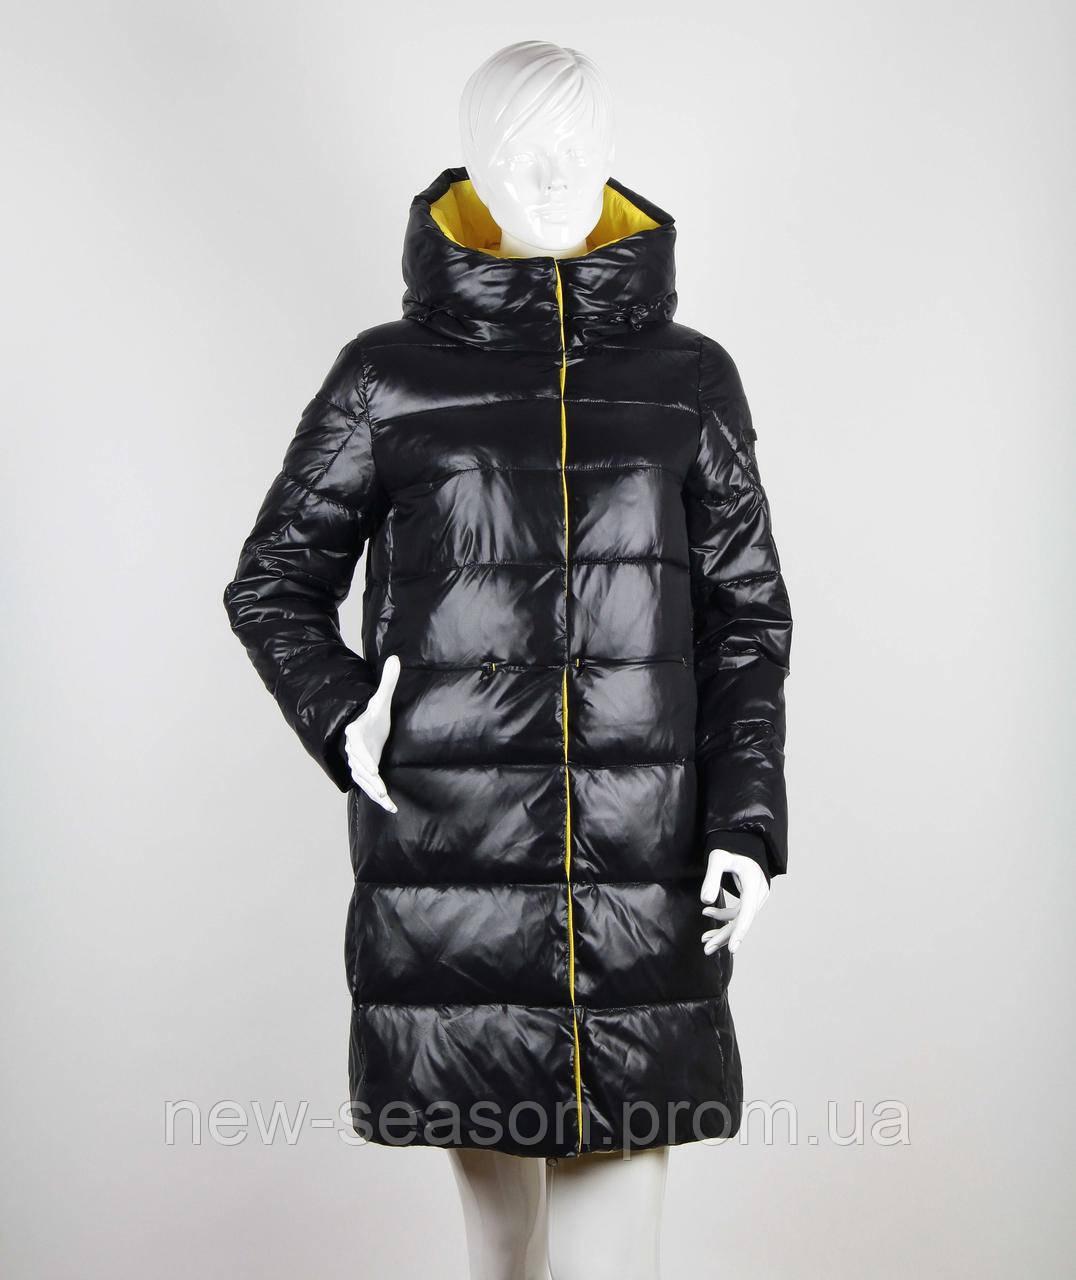 Пуховик зимний TOWMY 2528 черный